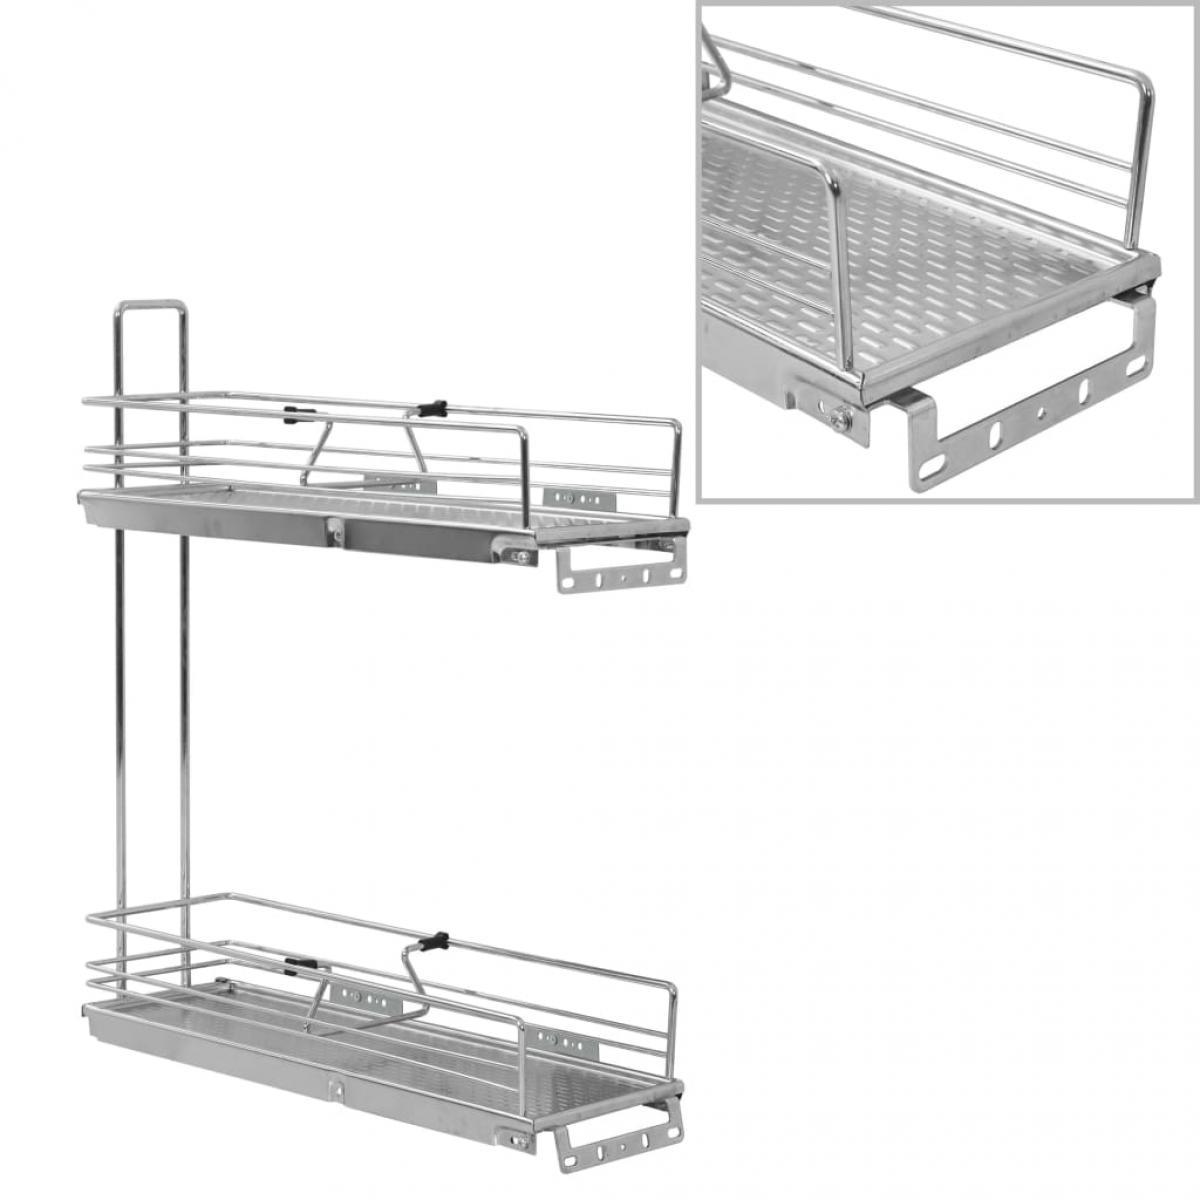 Vidaxl vidaXL Panier à 2 niveaux métallique de cuisine 47x15x54,5 cm